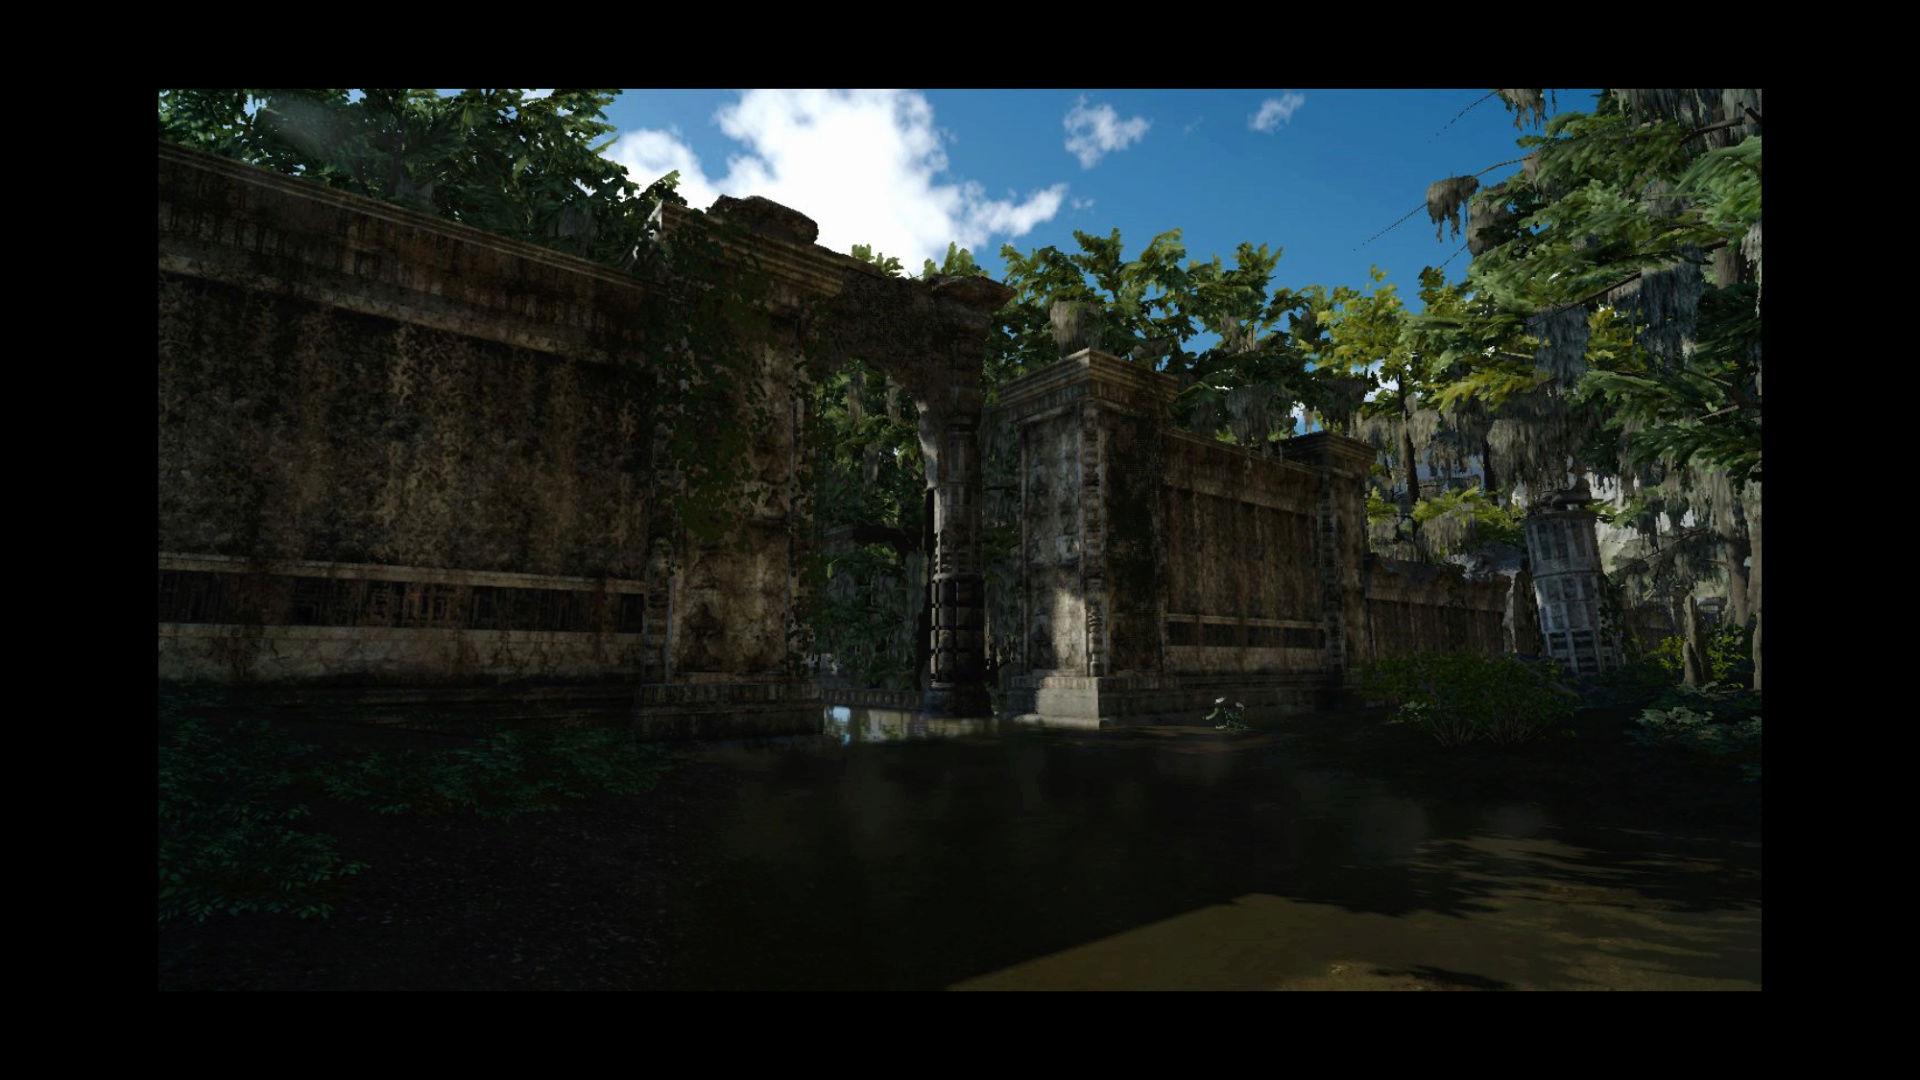 [HIJOS DE ARCEUS][Pantano] ¿Quién tiró la primera piedra? 050c5210